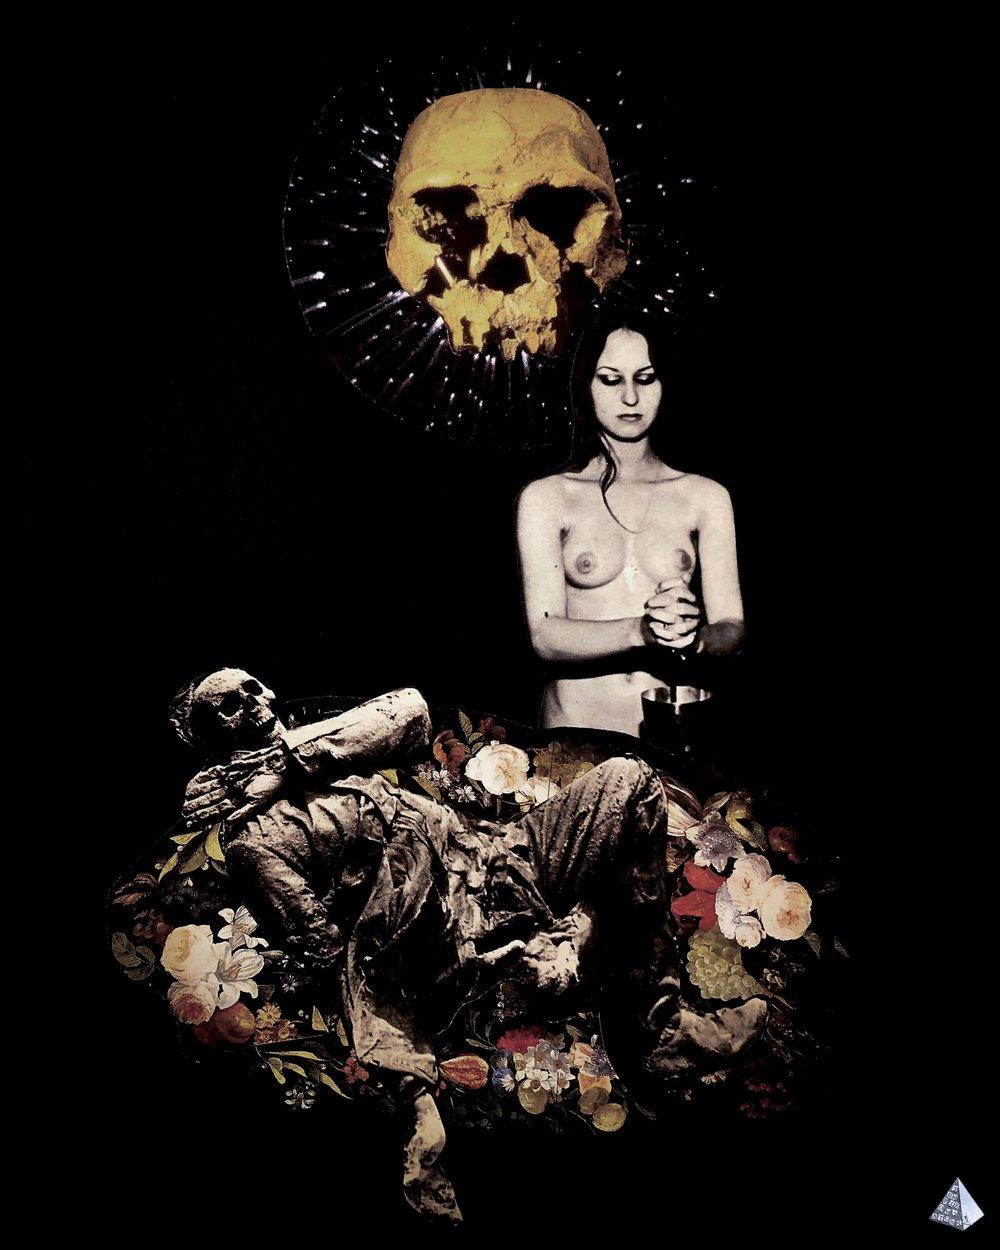 Les Fleurs du Mal: L'irréparable by Joan Pope (Temple ov Saturn)